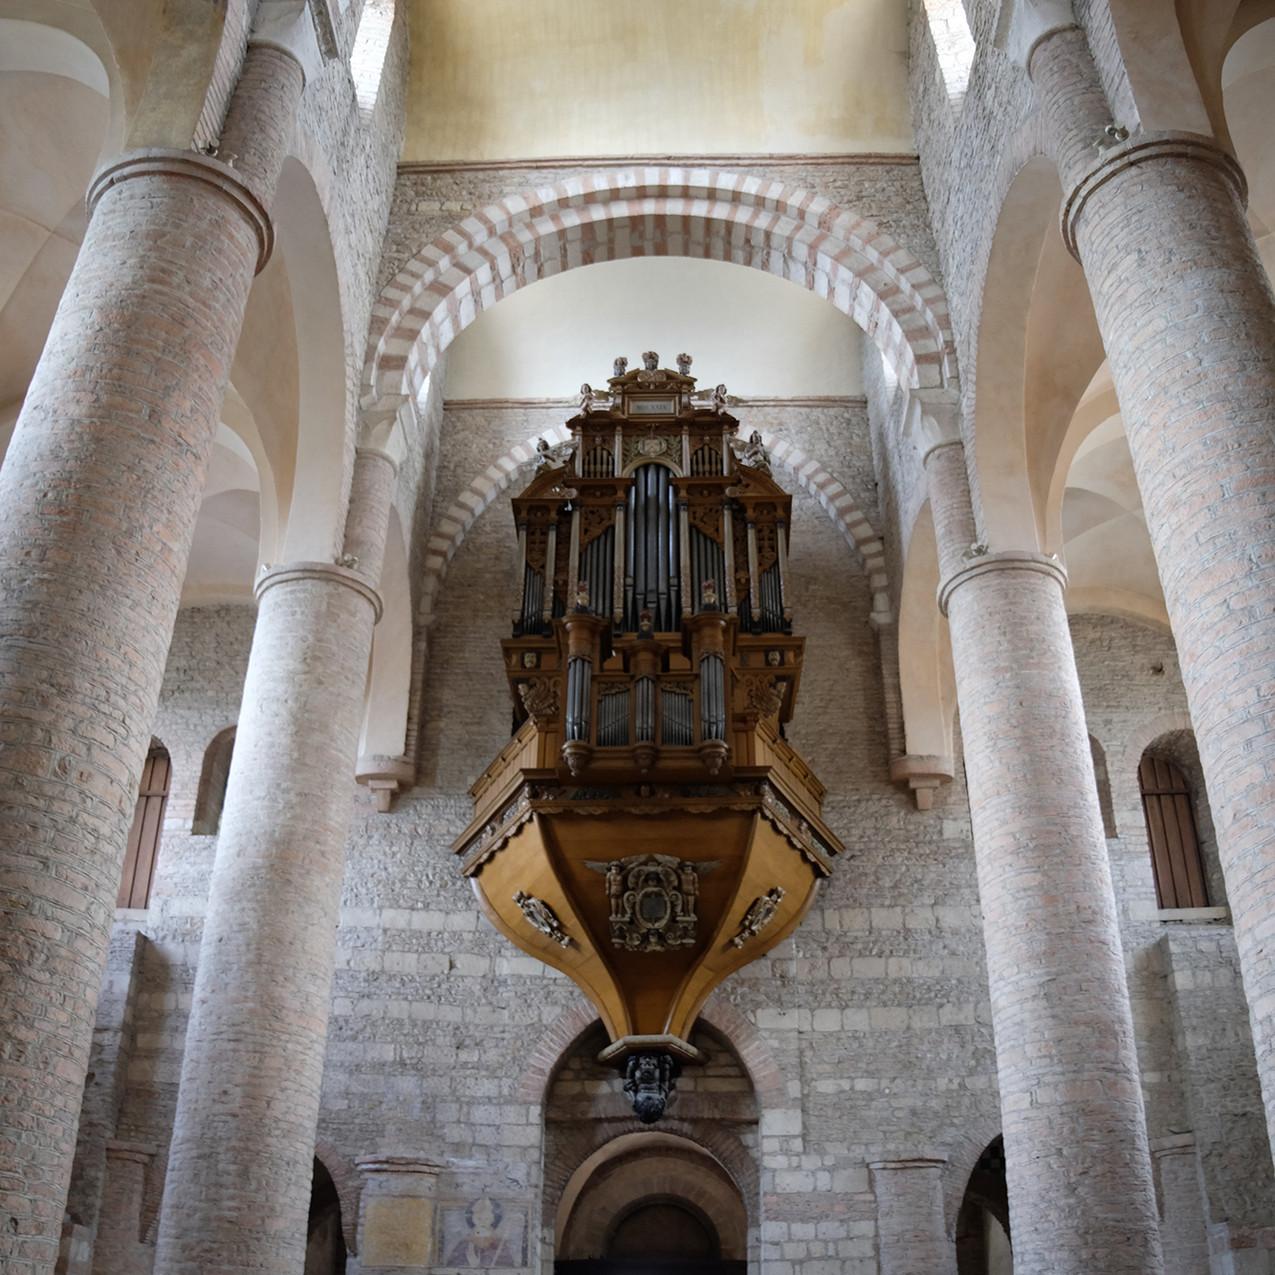 L'Orgue de Saint-Philibert